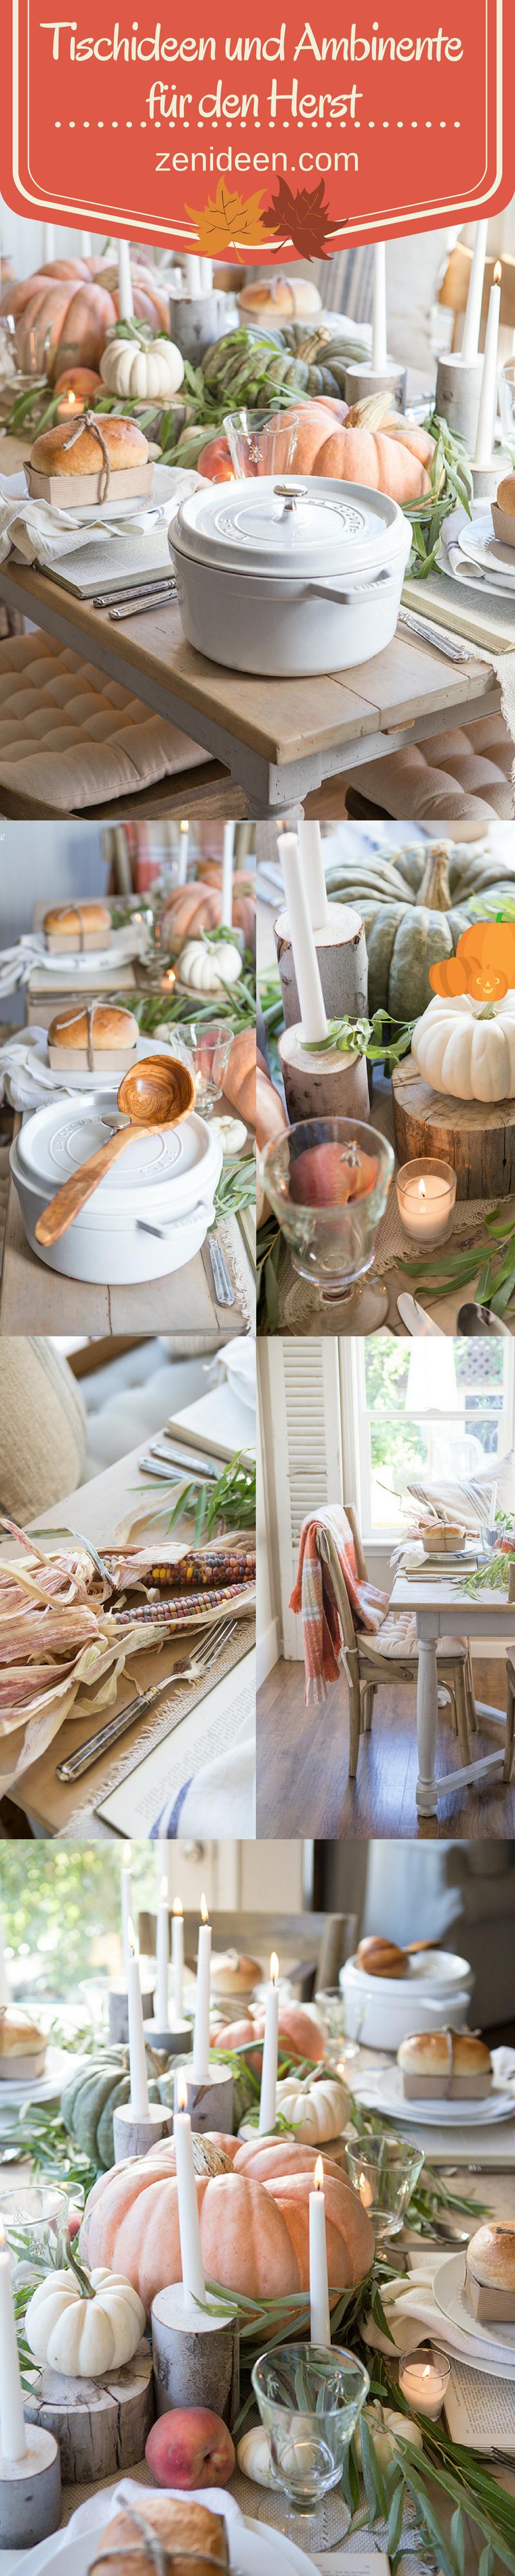 Tischideen und Ambiente für den Herbst